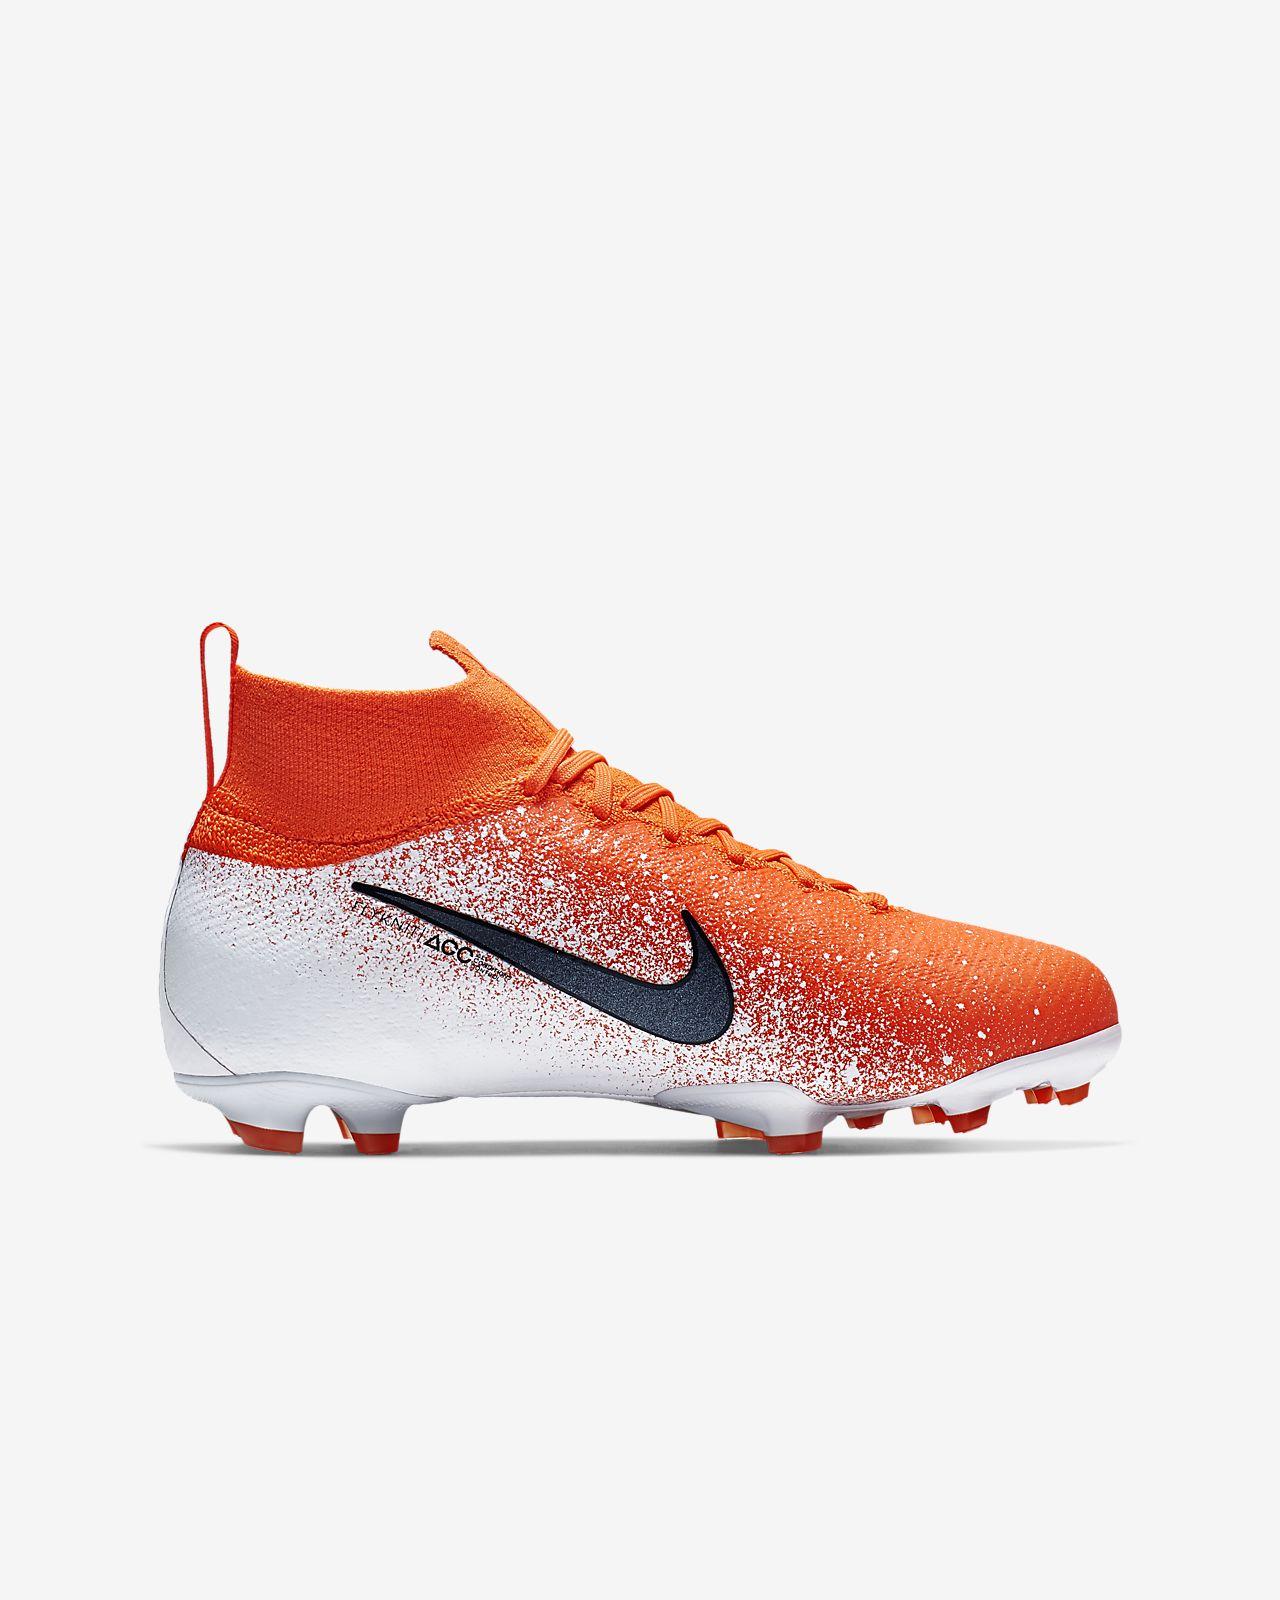 brand new 349c8 0b315 ... Fotbollssko för gräs Nike Jr. Superfly 6 Elite FG för ungdom